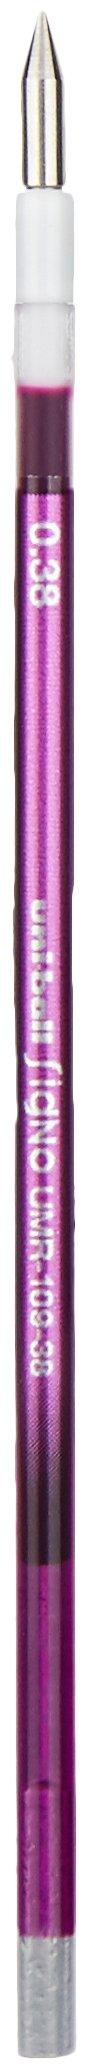 Uni Style Fit Gel Ballpoint Pen Refill, 0.38mm, Pink...